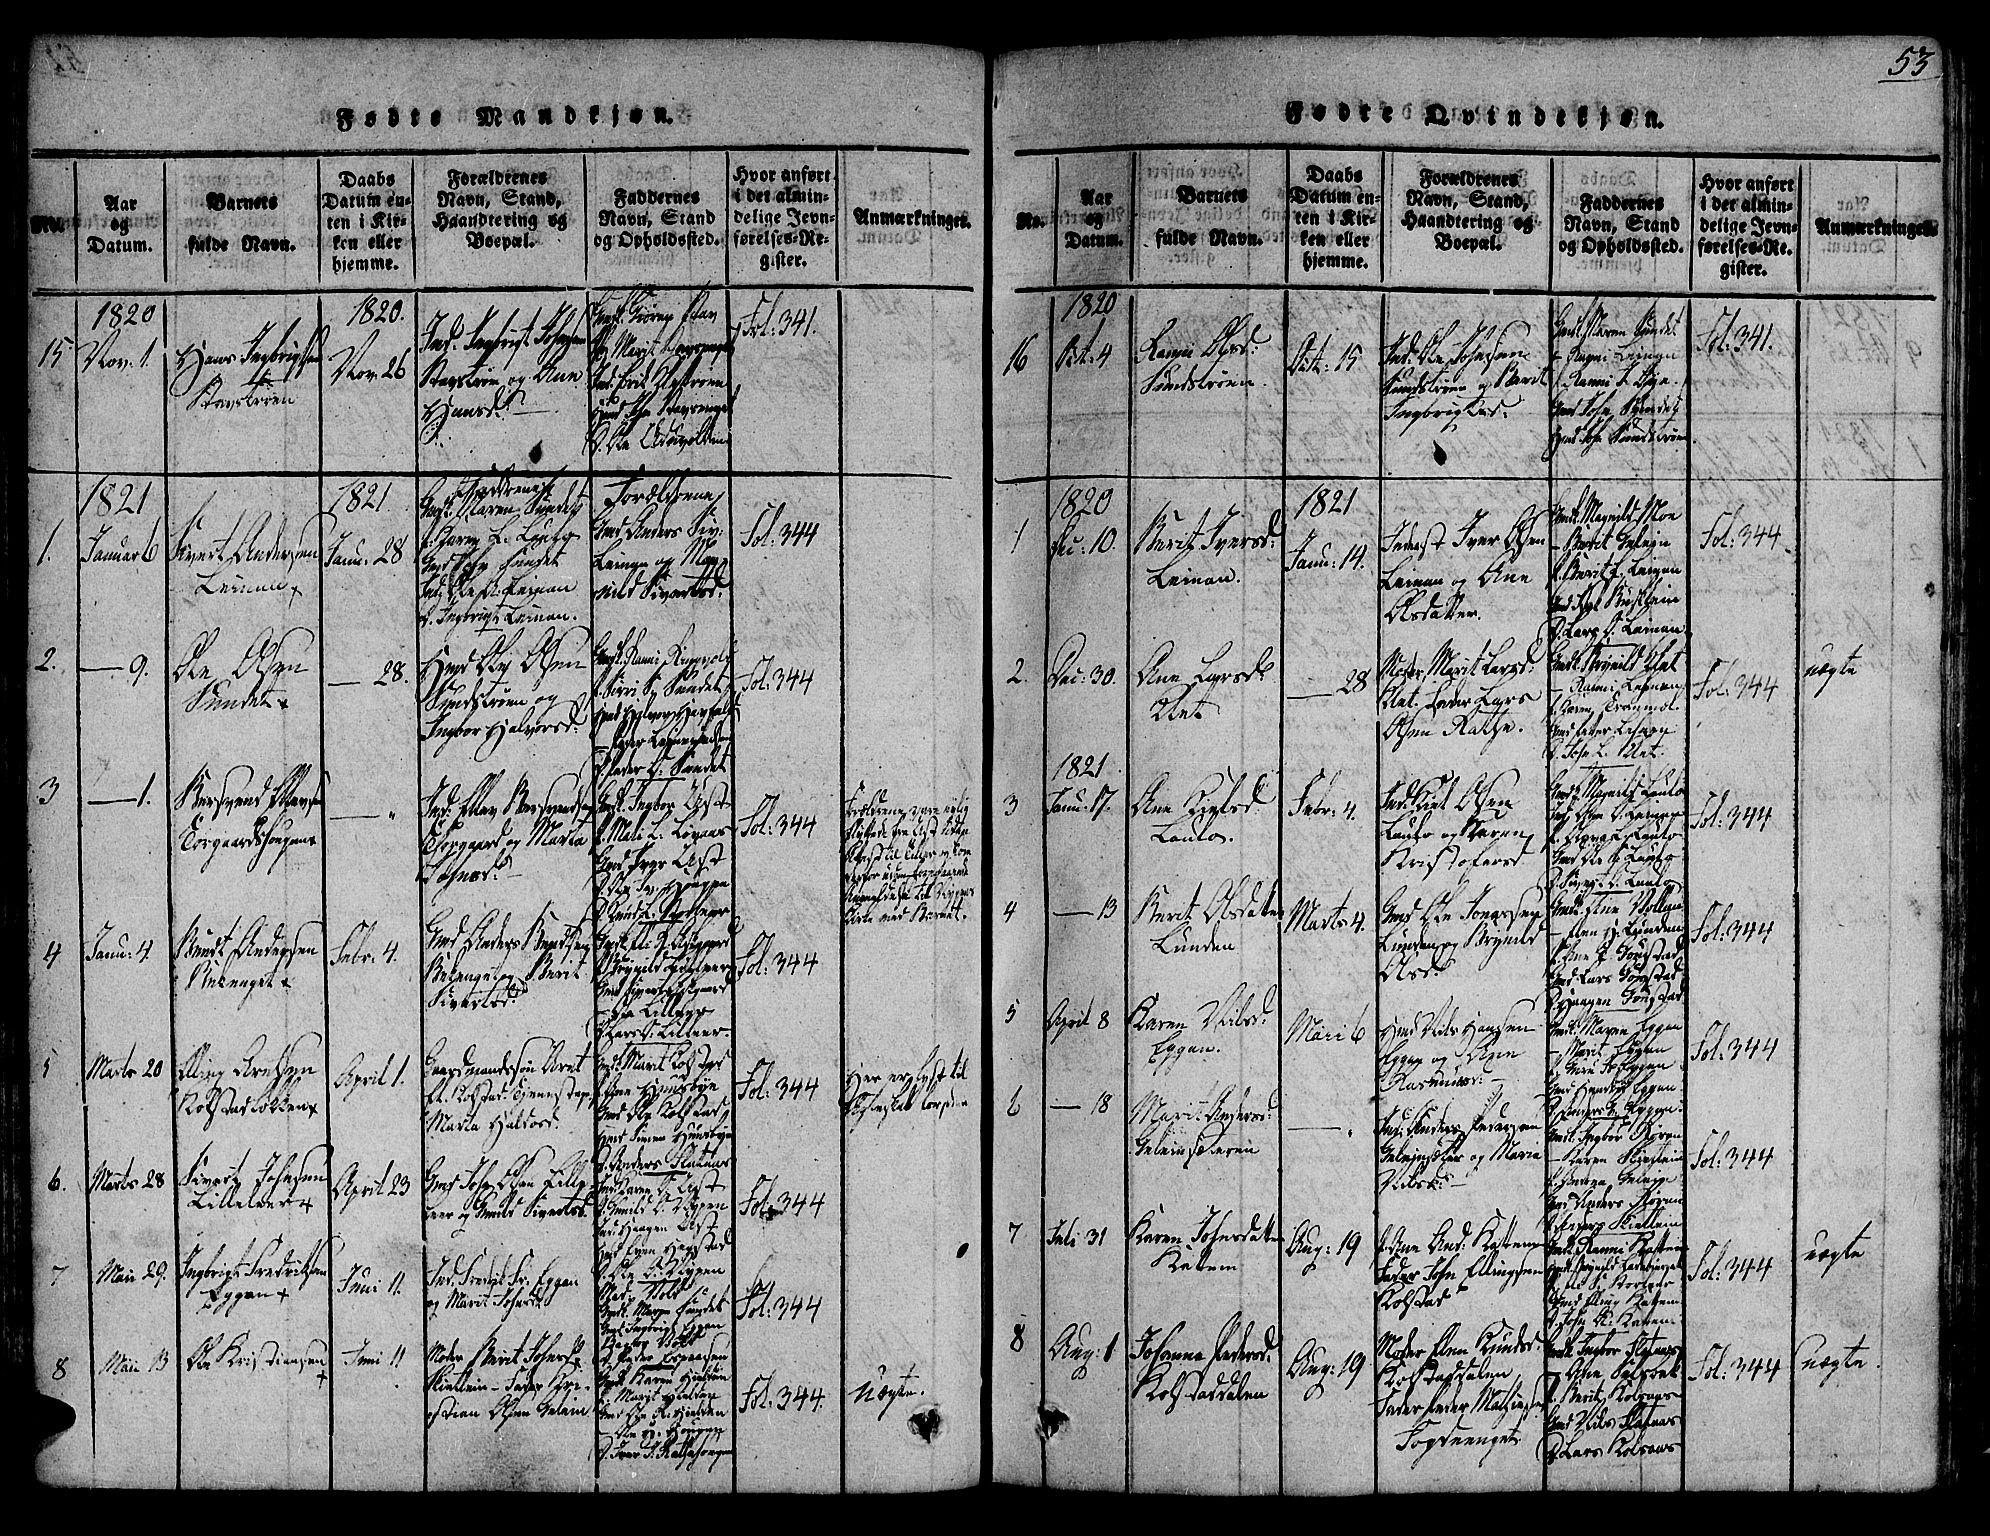 SAT, Ministerialprotokoller, klokkerbøker og fødselsregistre - Sør-Trøndelag, 691/L1067: Ministerialbok nr. 691A03 /3, 1816-1826, s. 53